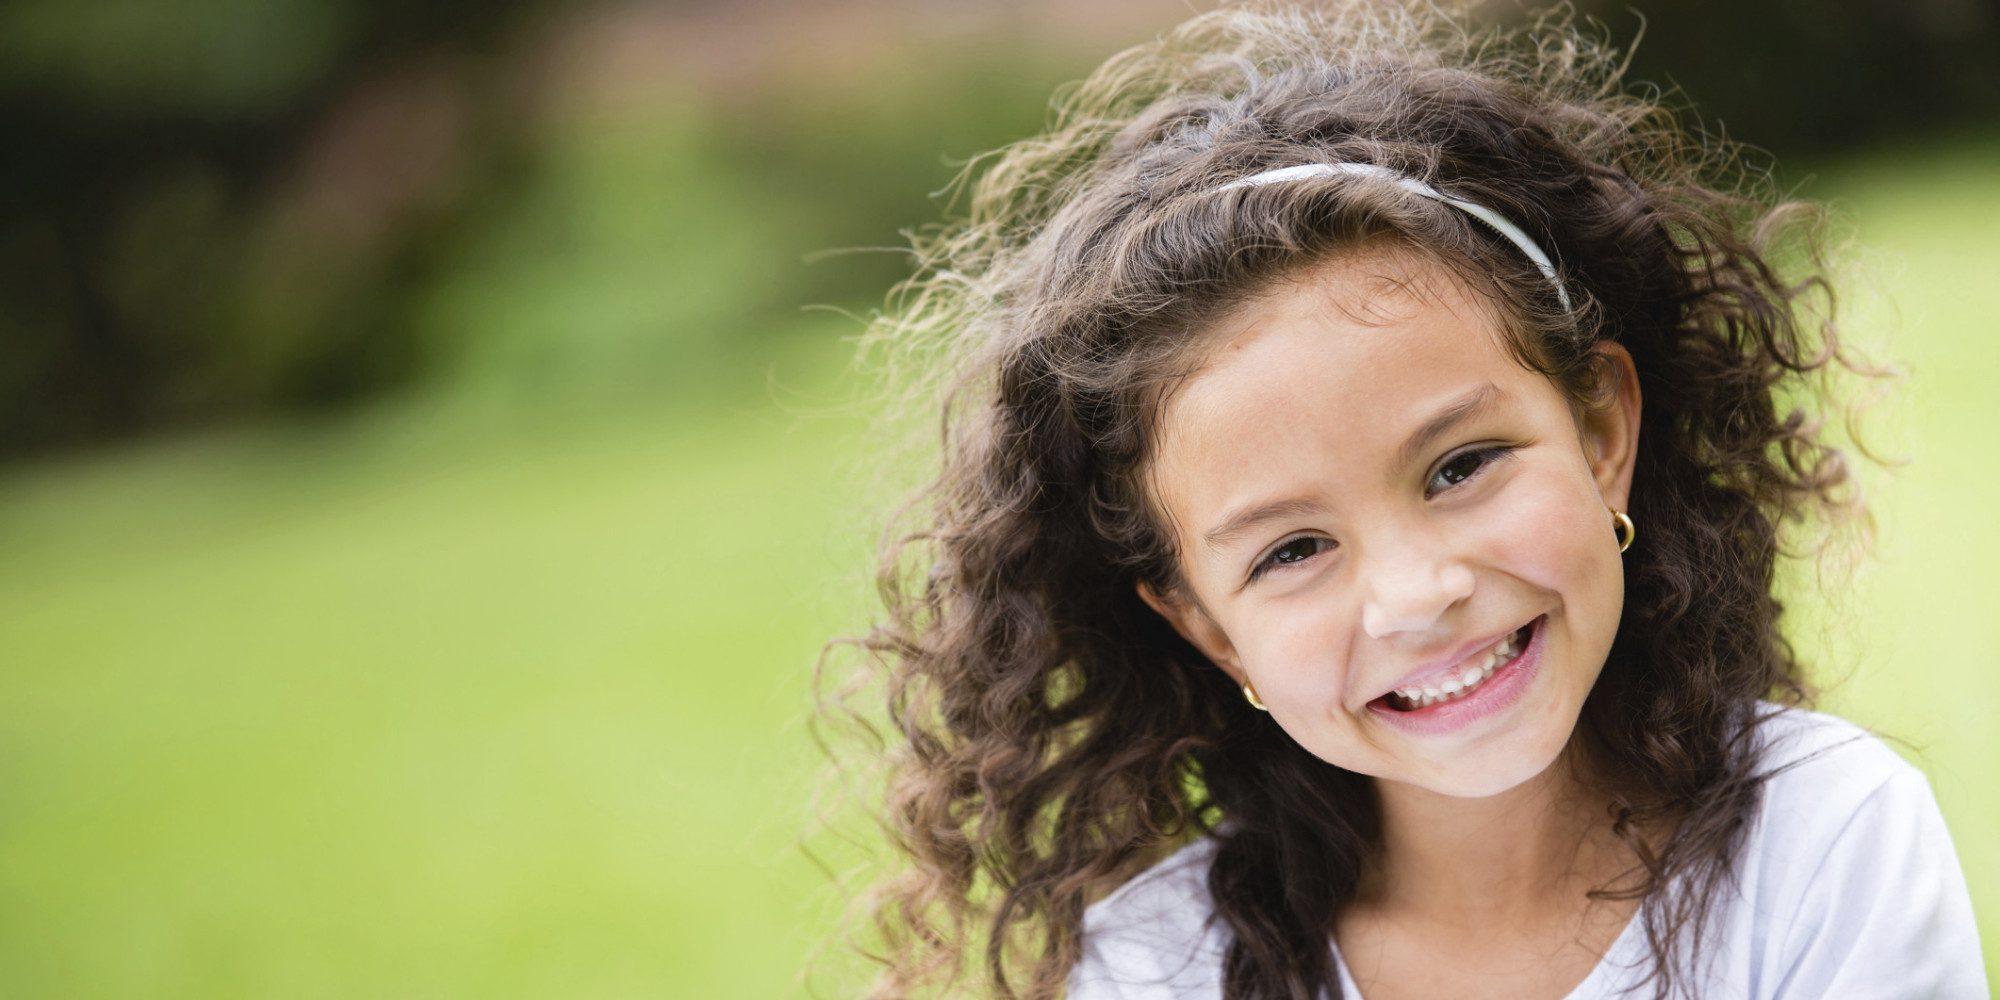 ما هي أسرار تربية طفل سعيد؟